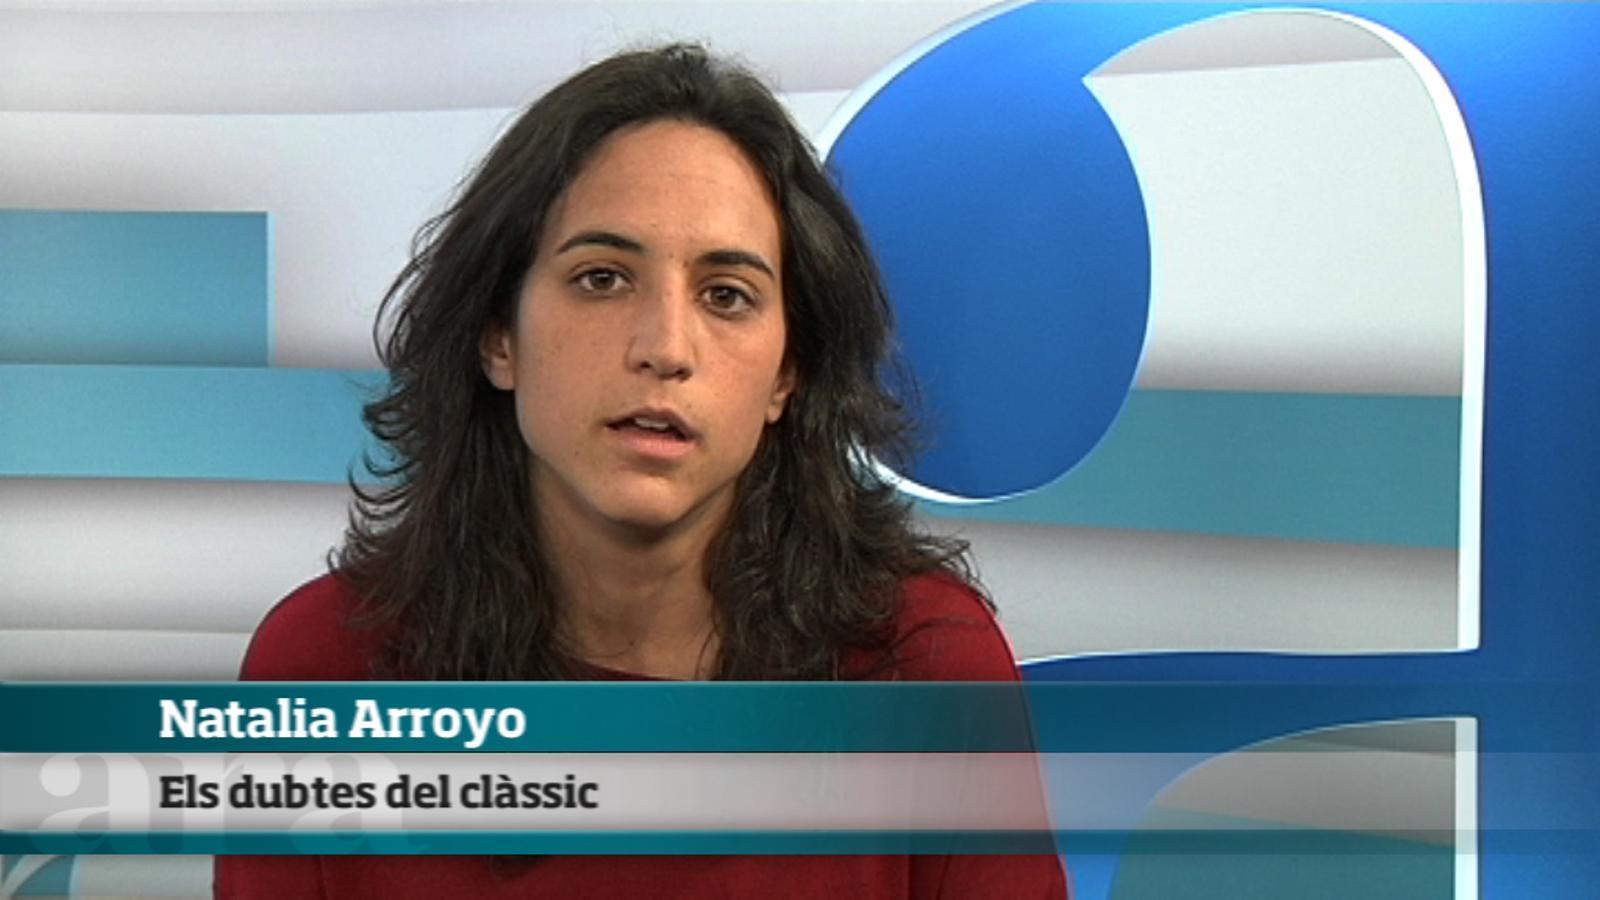 Videoblog: Els dubtes del clàssic